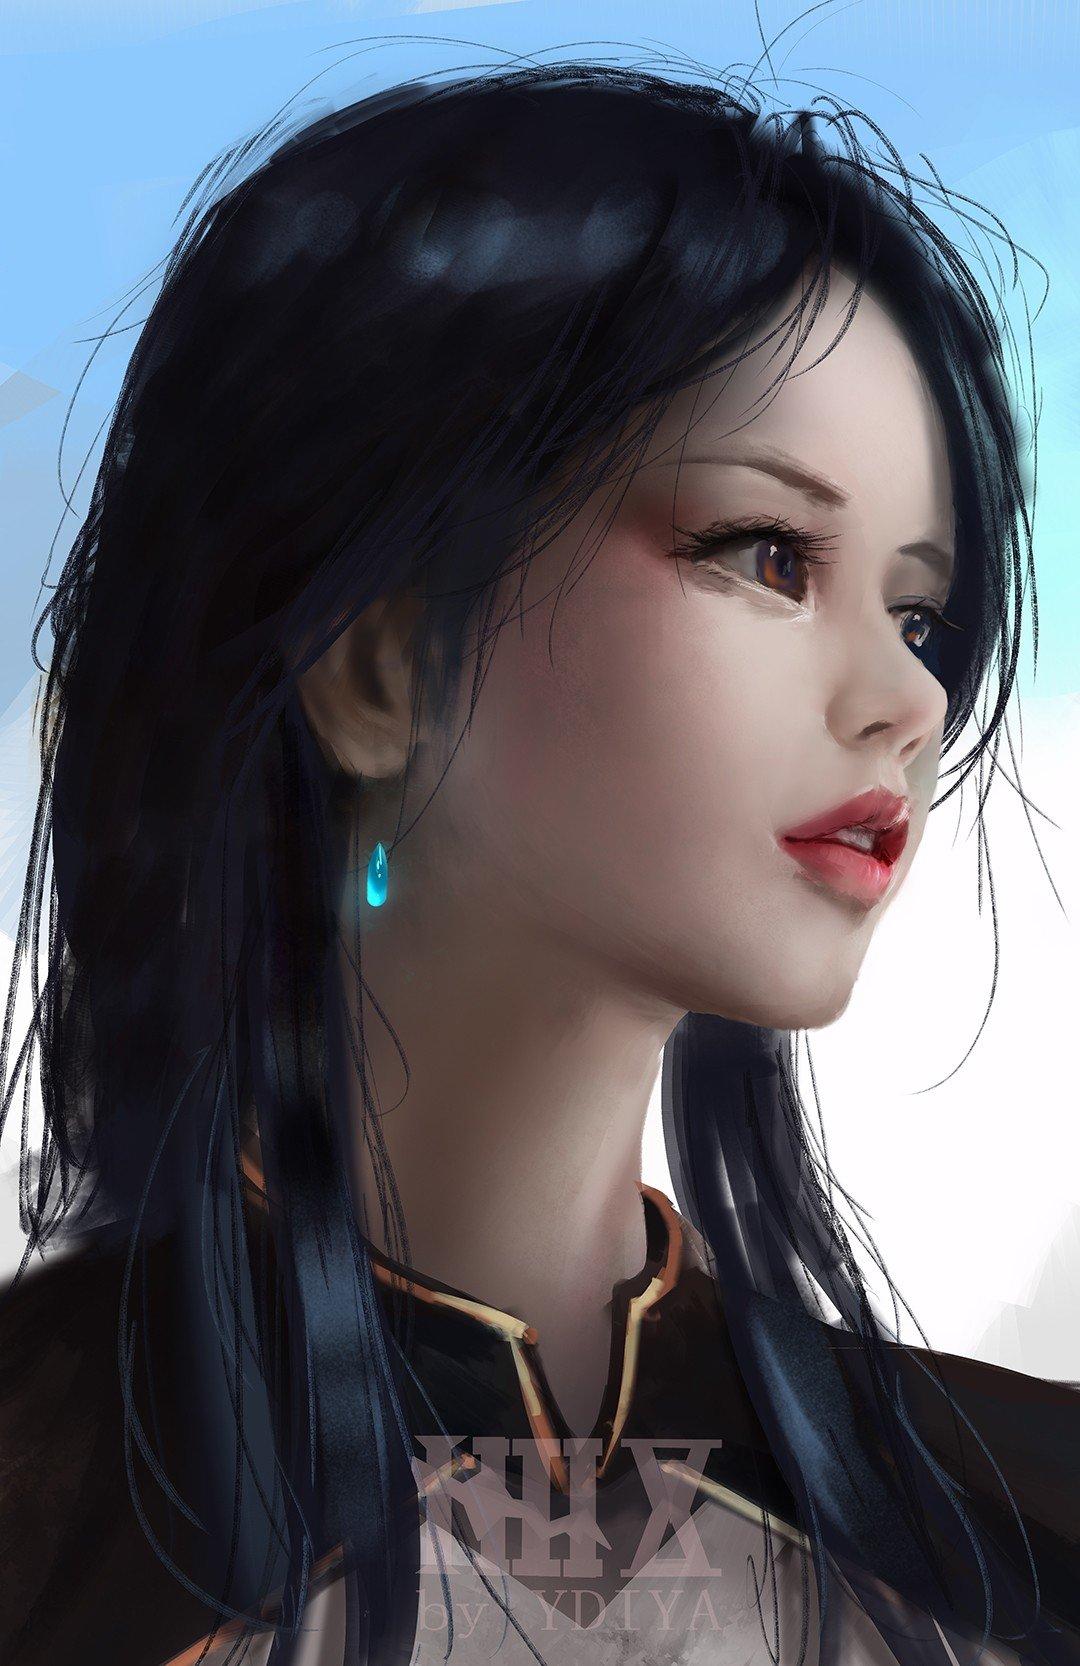 P站官网画师YDIYA (17862658)